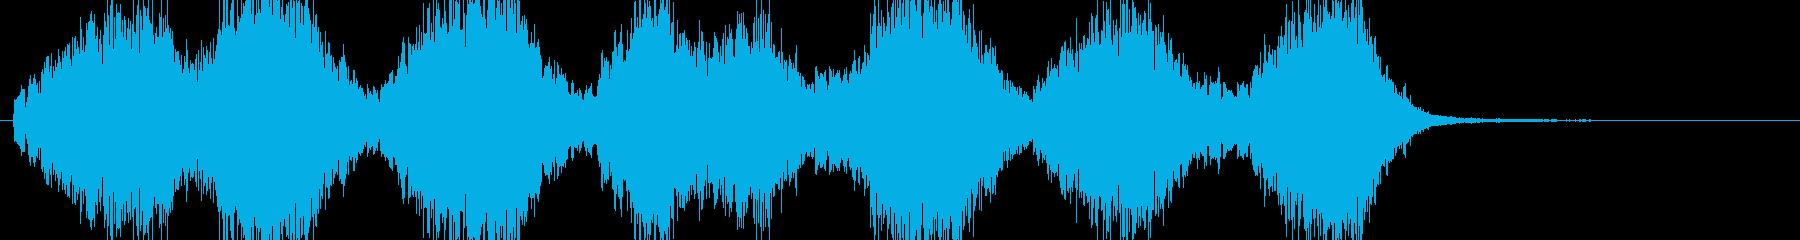 no.1 「科学」「闇」「暗闇」 B9の再生済みの波形